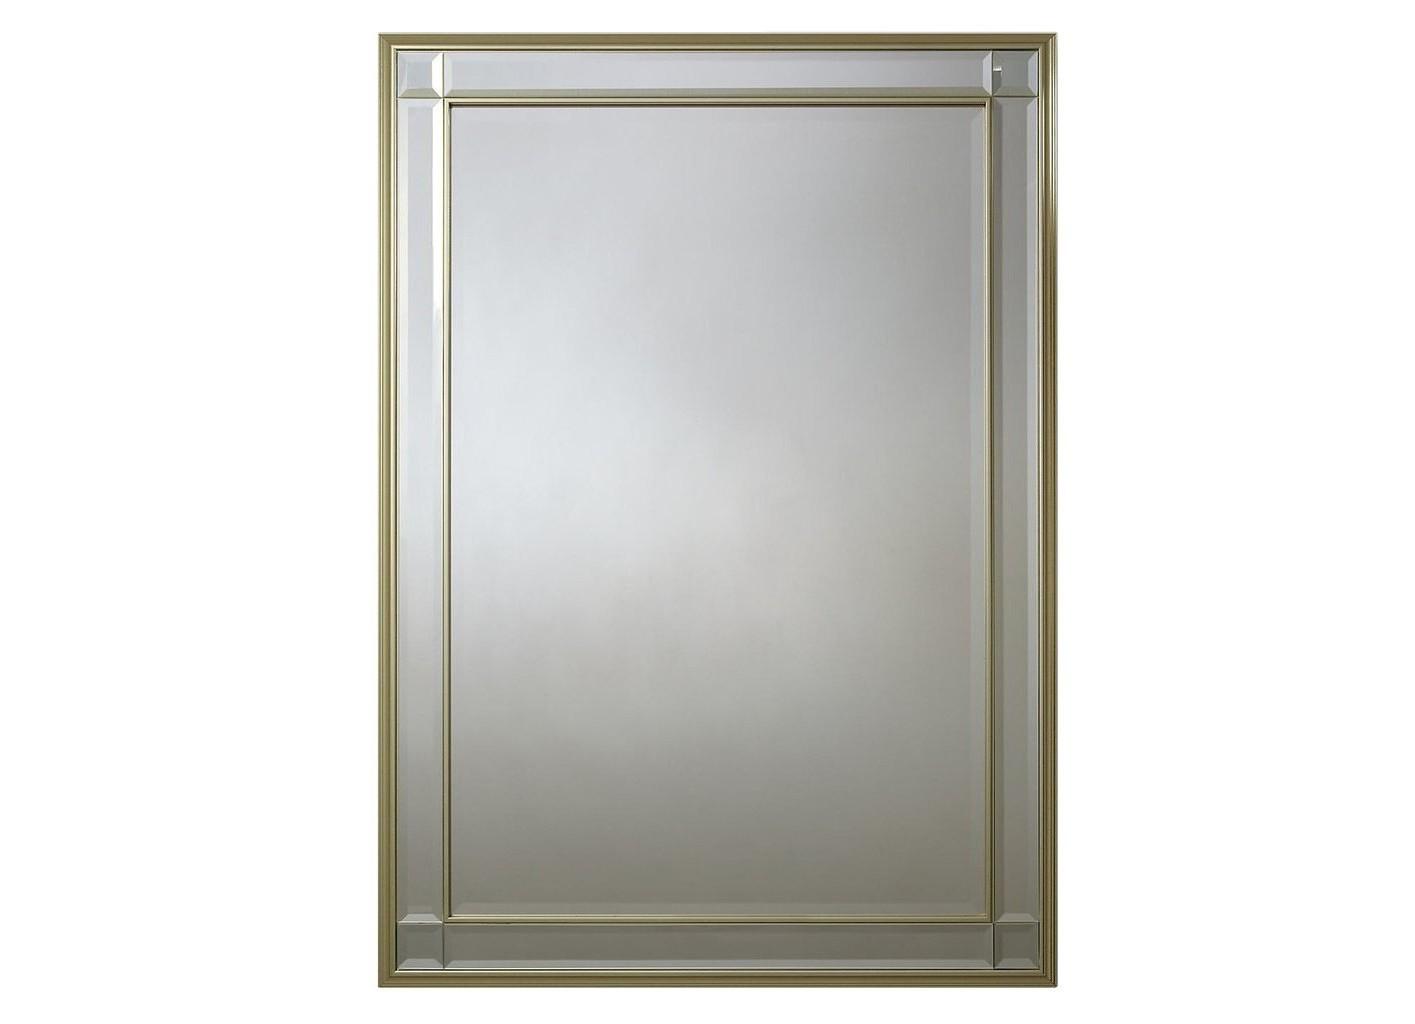 Зеркало ДорсетНастенные зеркала<br>Крепления входят в стоимость.<br><br>Material: Пластик<br>Ширина см: 74<br>Высота см: 104<br>Глубина см: 3